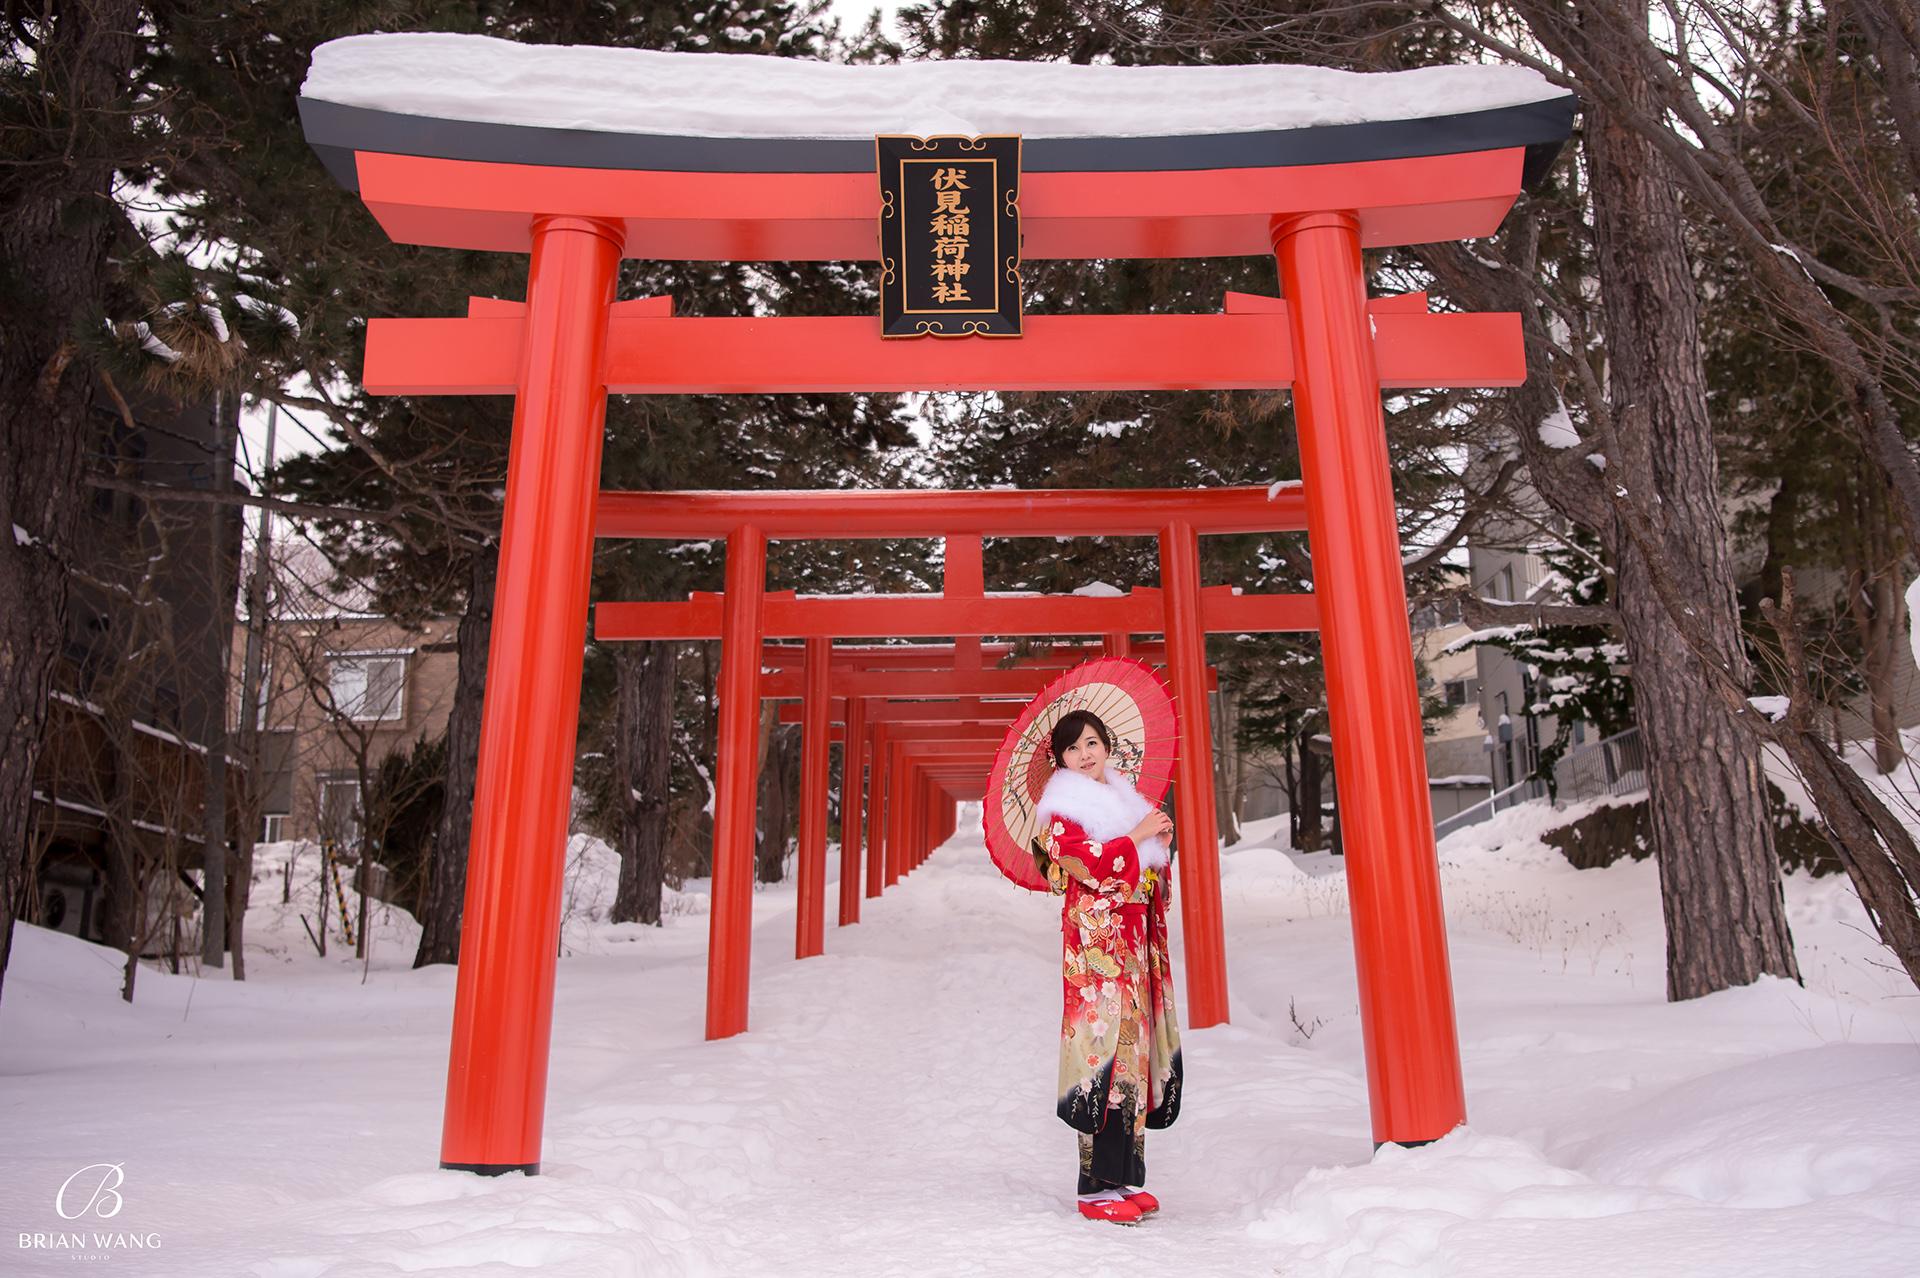 '北海道自助婚紗,北海道婚紗攝影,北海道雪景婚紗,海外婚紗價格,雪景婚紗,拍和服,北海道海外婚紗費用,伏見稻荷,札幌,1920BWS_6735-1'